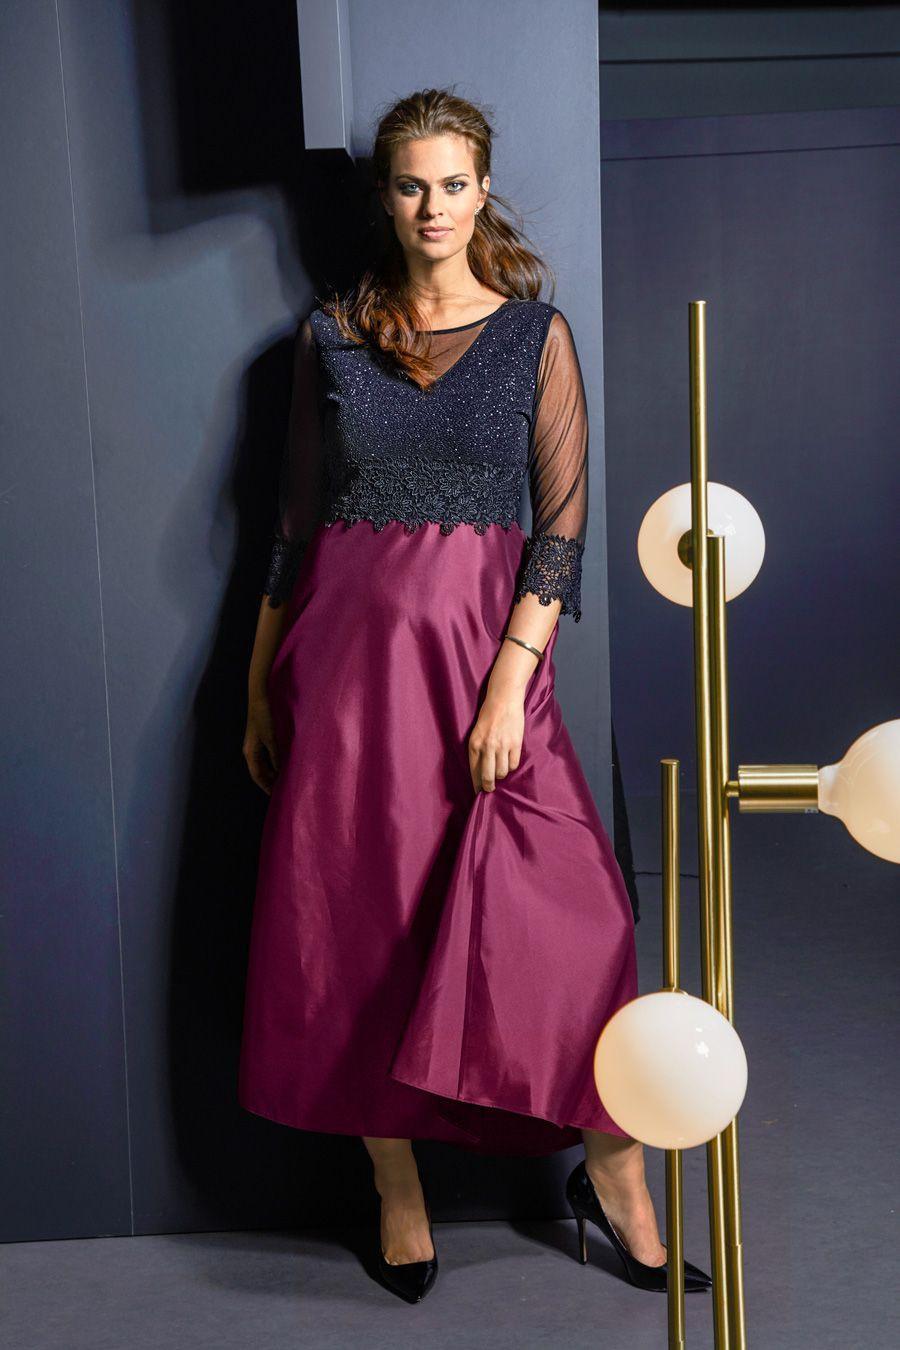 Formal Erstaunlich Abendkleid Ulla Popken VertriebFormal Elegant Abendkleid Ulla Popken Spezialgebiet